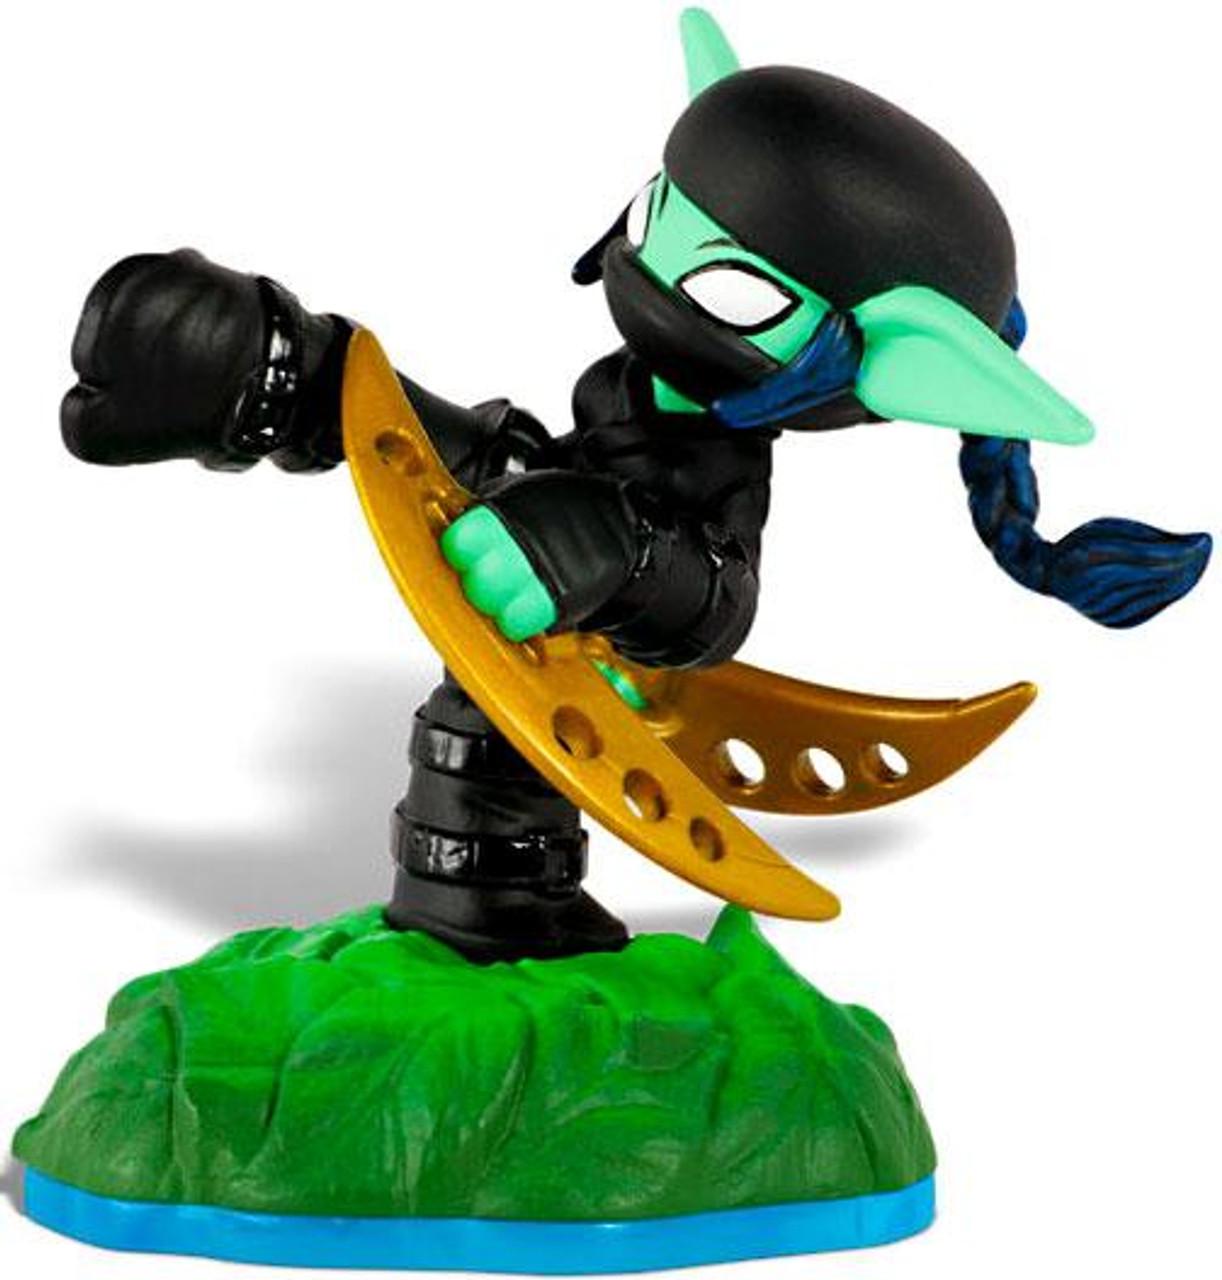 Skylanders Swap Force Loose Stealth Elf Figure [Ninja Loose]